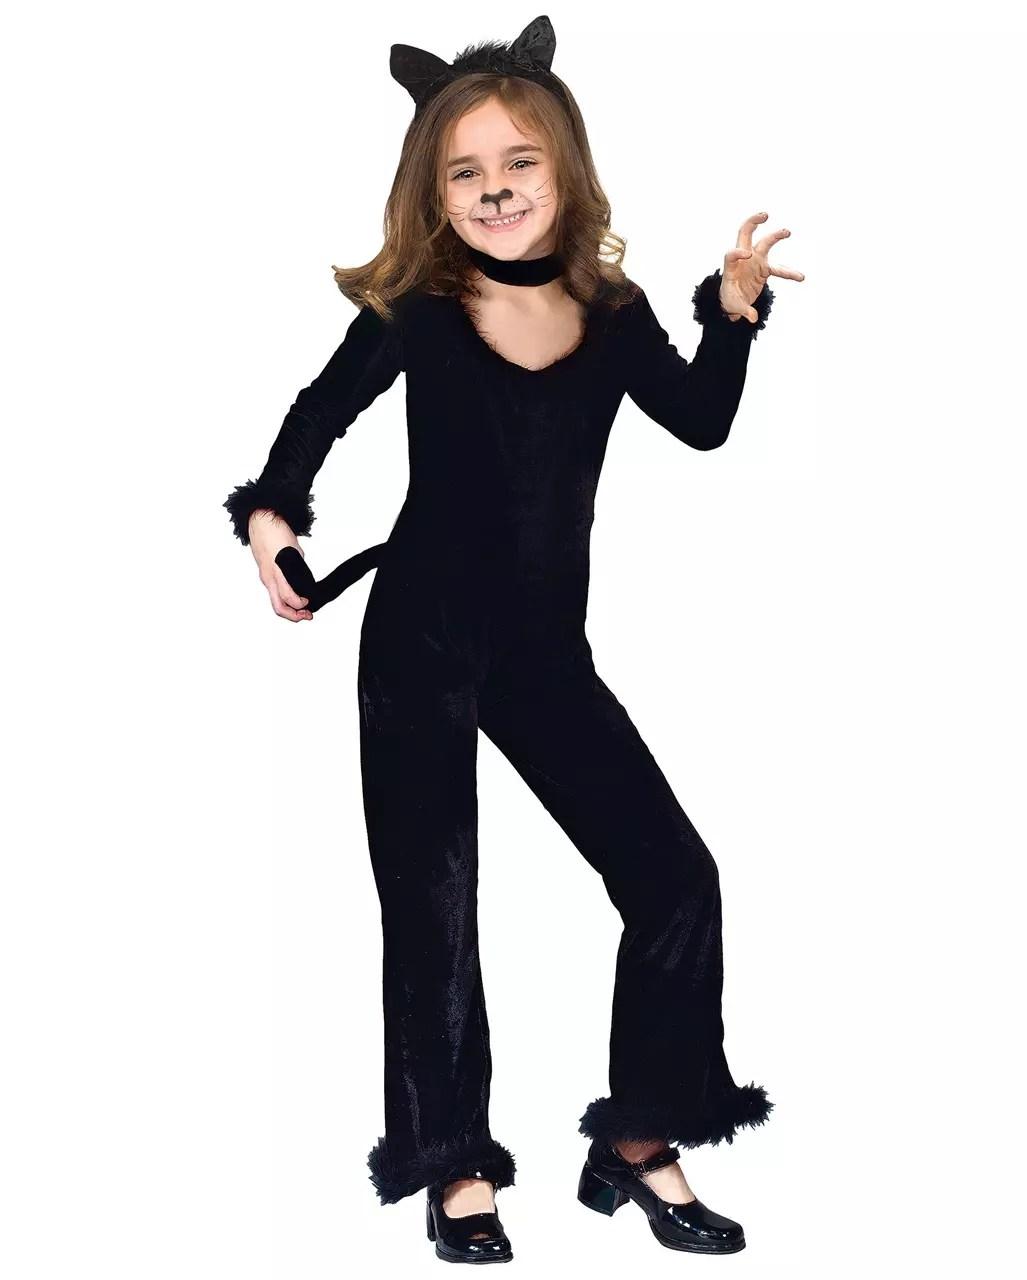 Fullsize Of Black Cat Costume